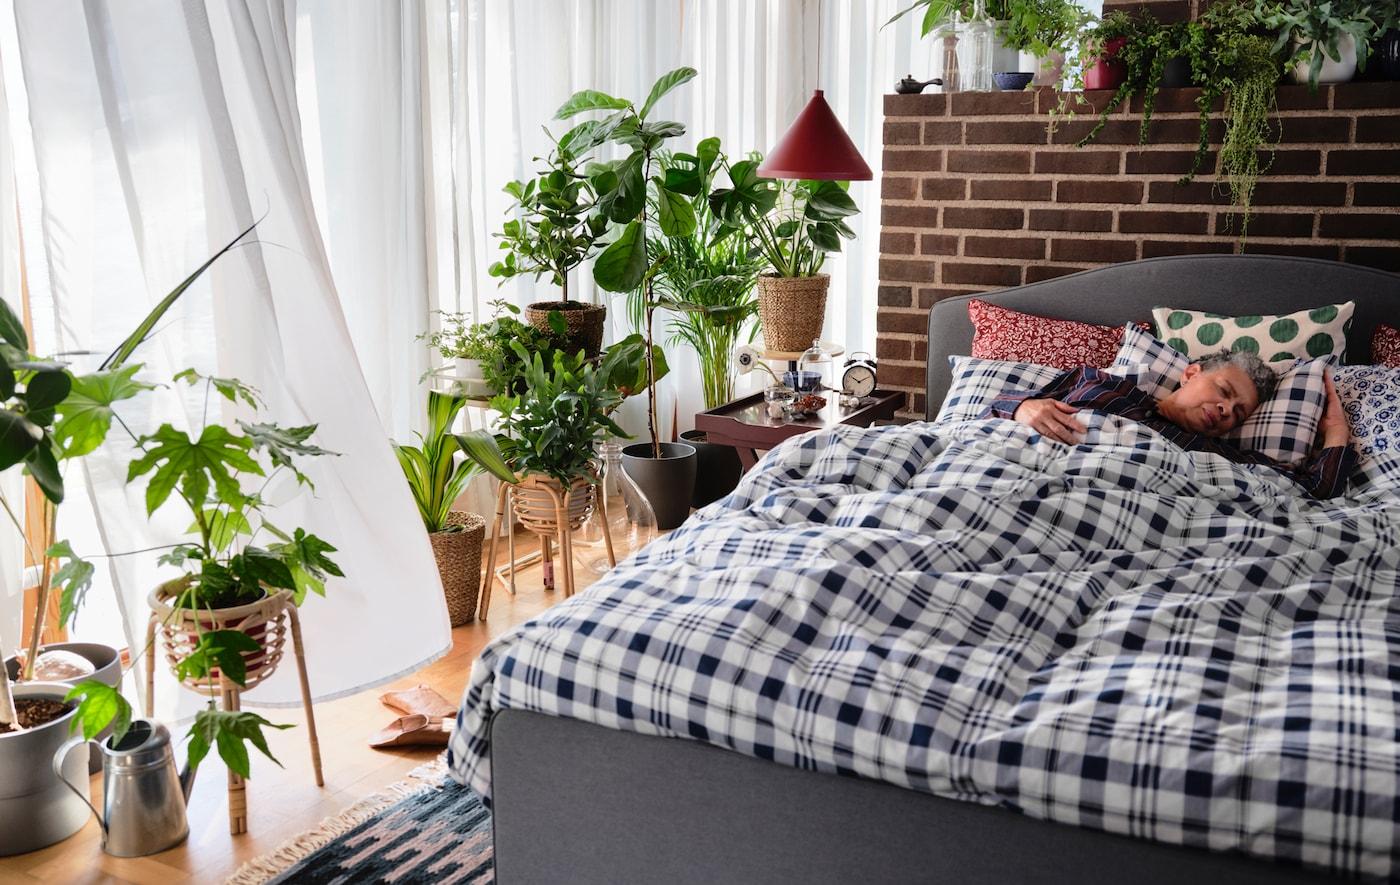 O femei doarme într-un pat HAUGA tapițat, învelită într-o pilotă în carouri și înconjurată de plante.